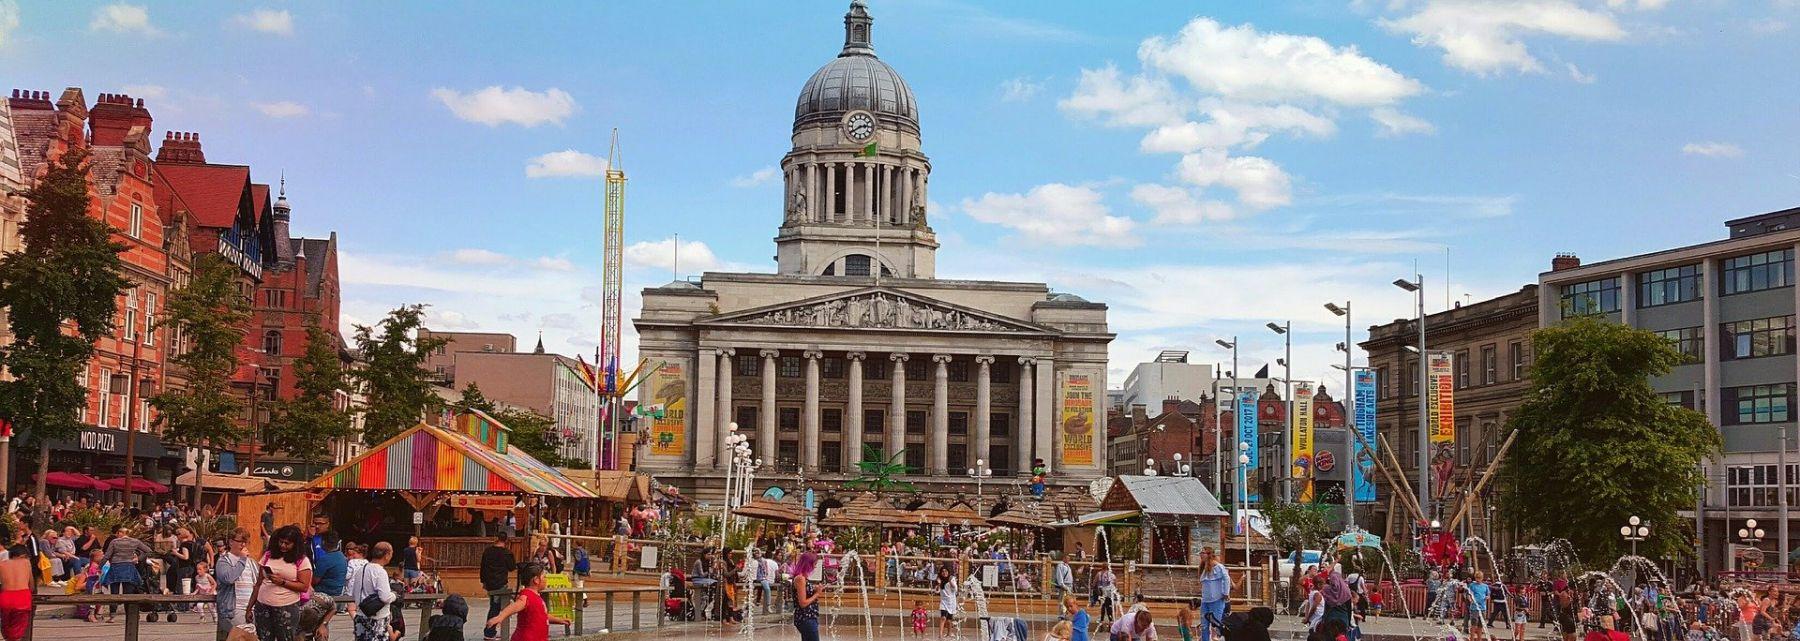 Nottingham 2856858 1920